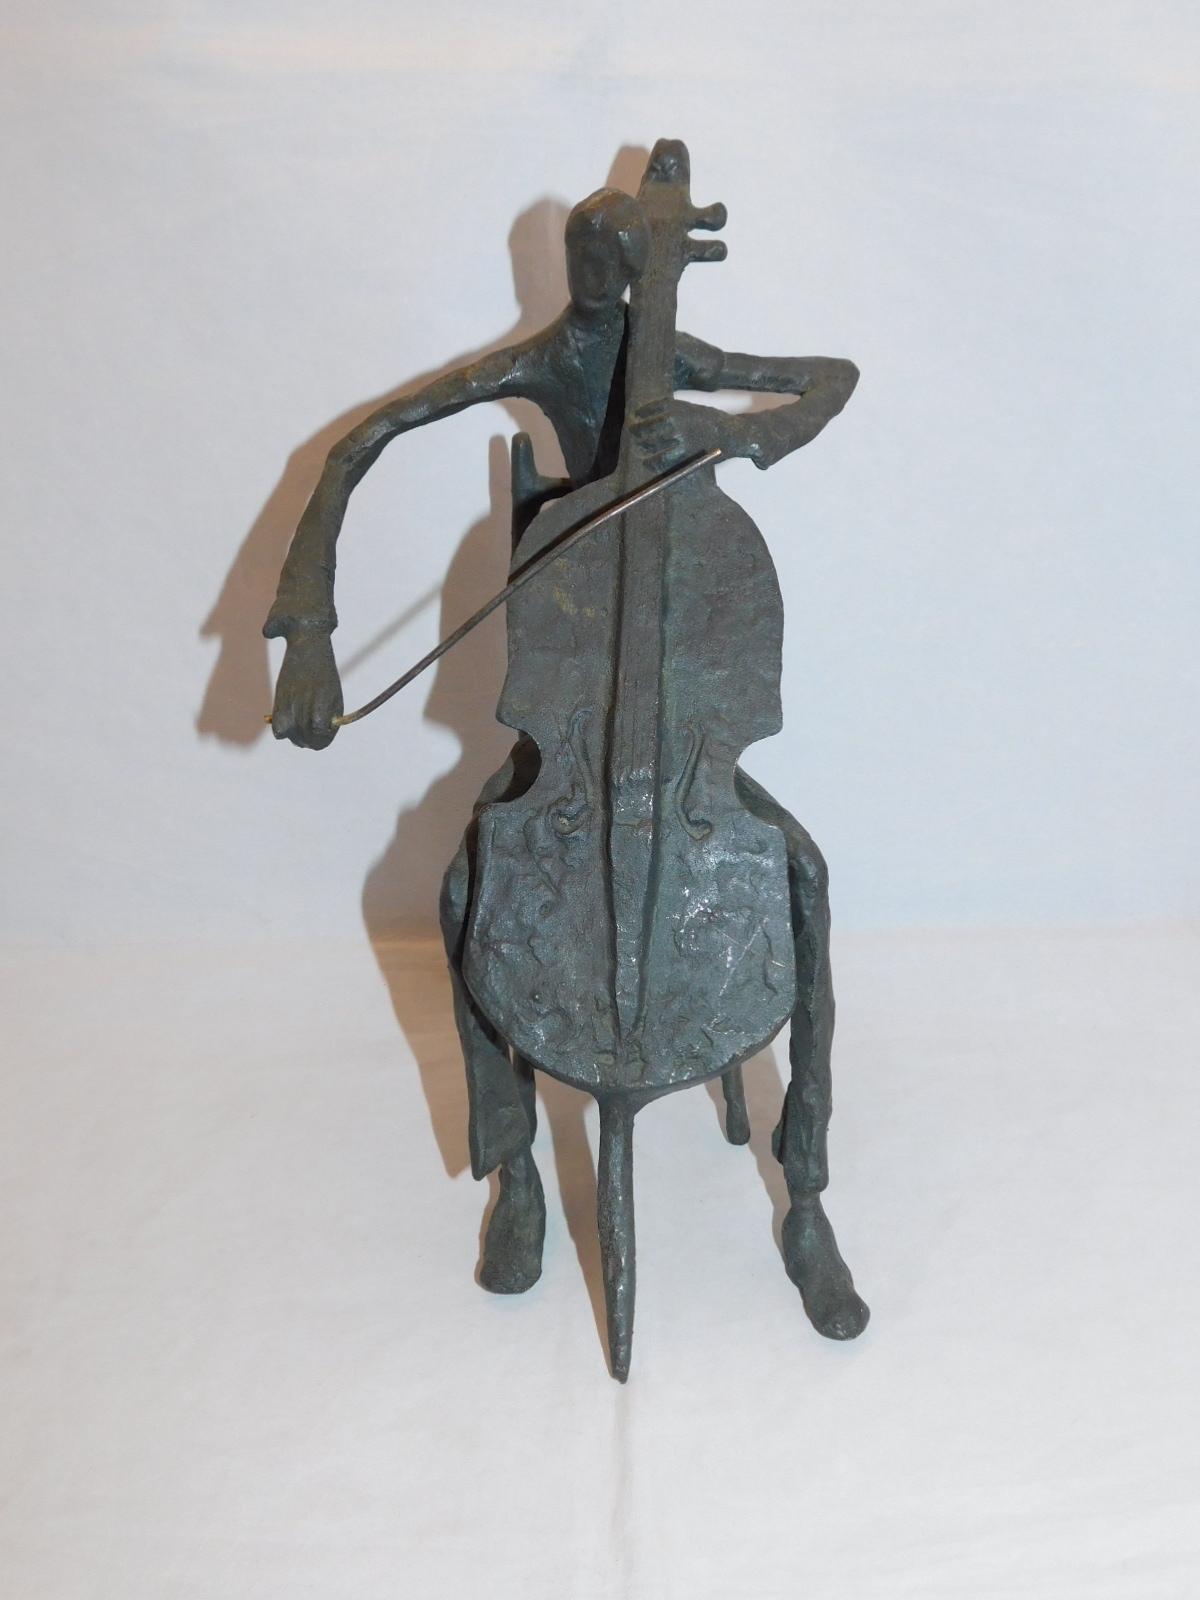 音楽人形 music doll(cello)